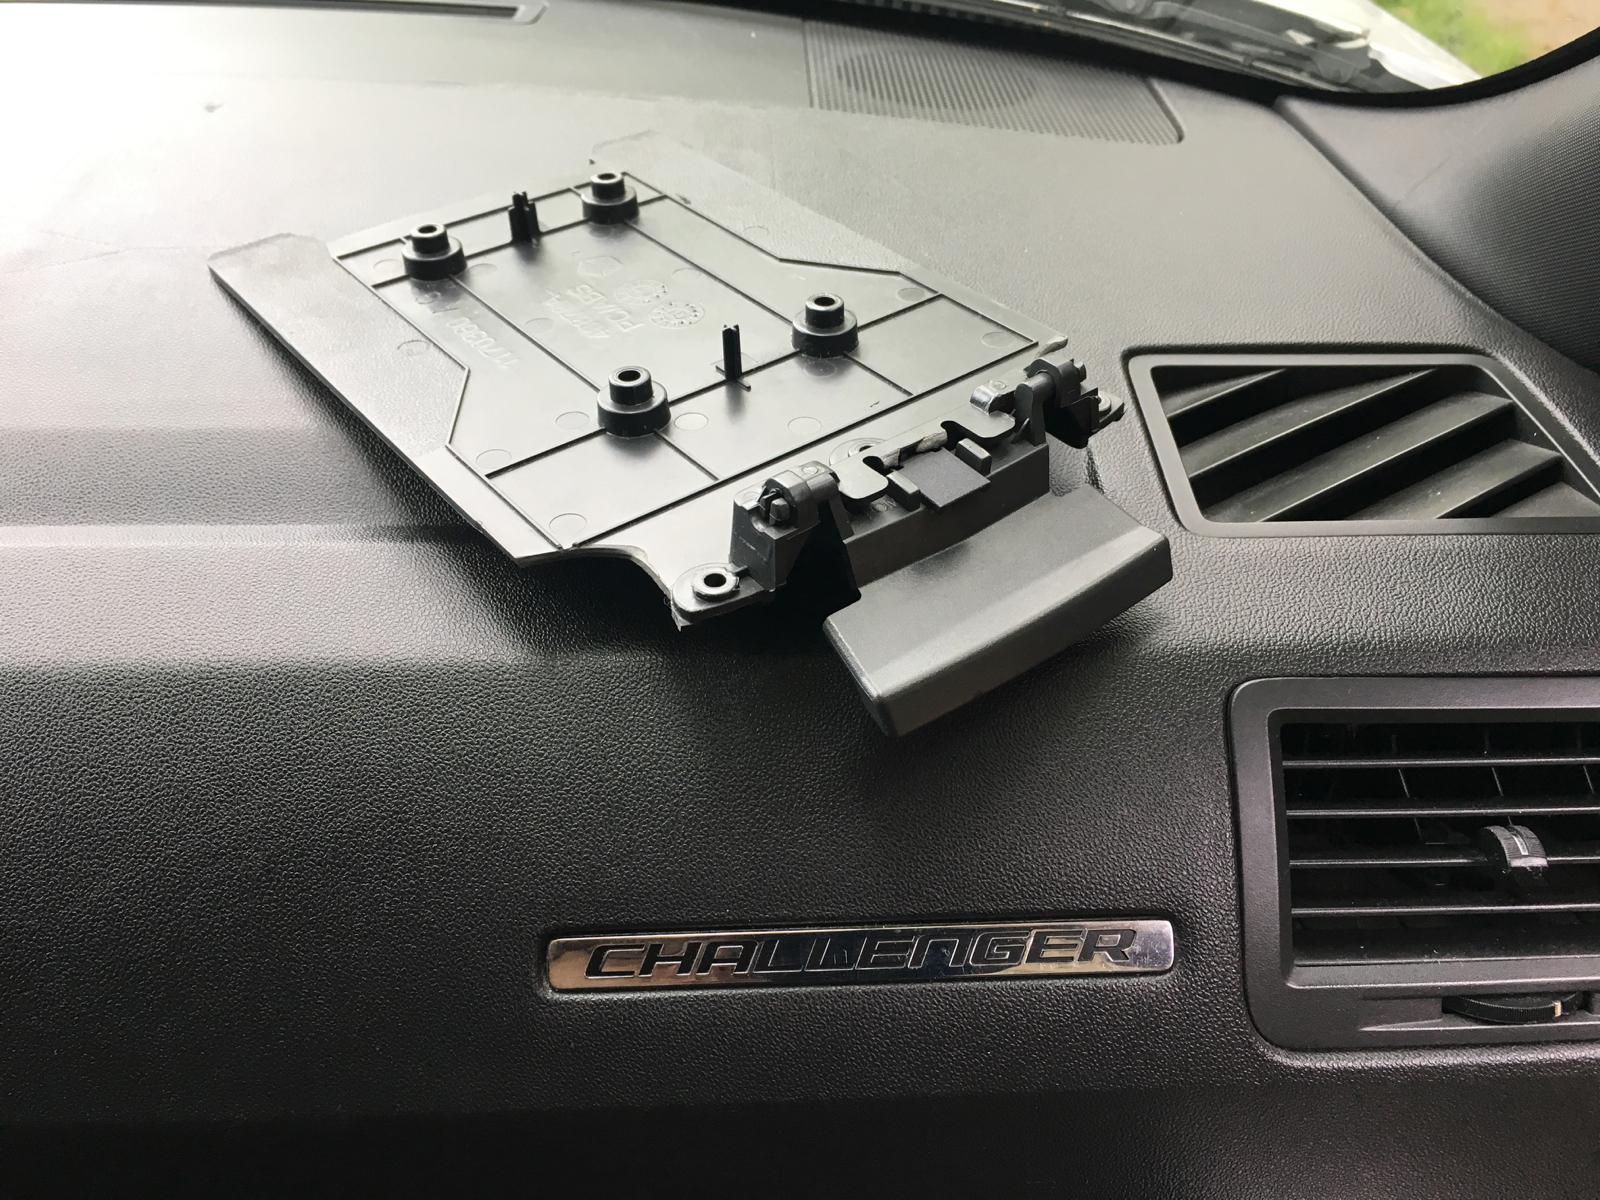 Fixing a Dodge Challenger armrest   PhotoBlog of Landry Collet